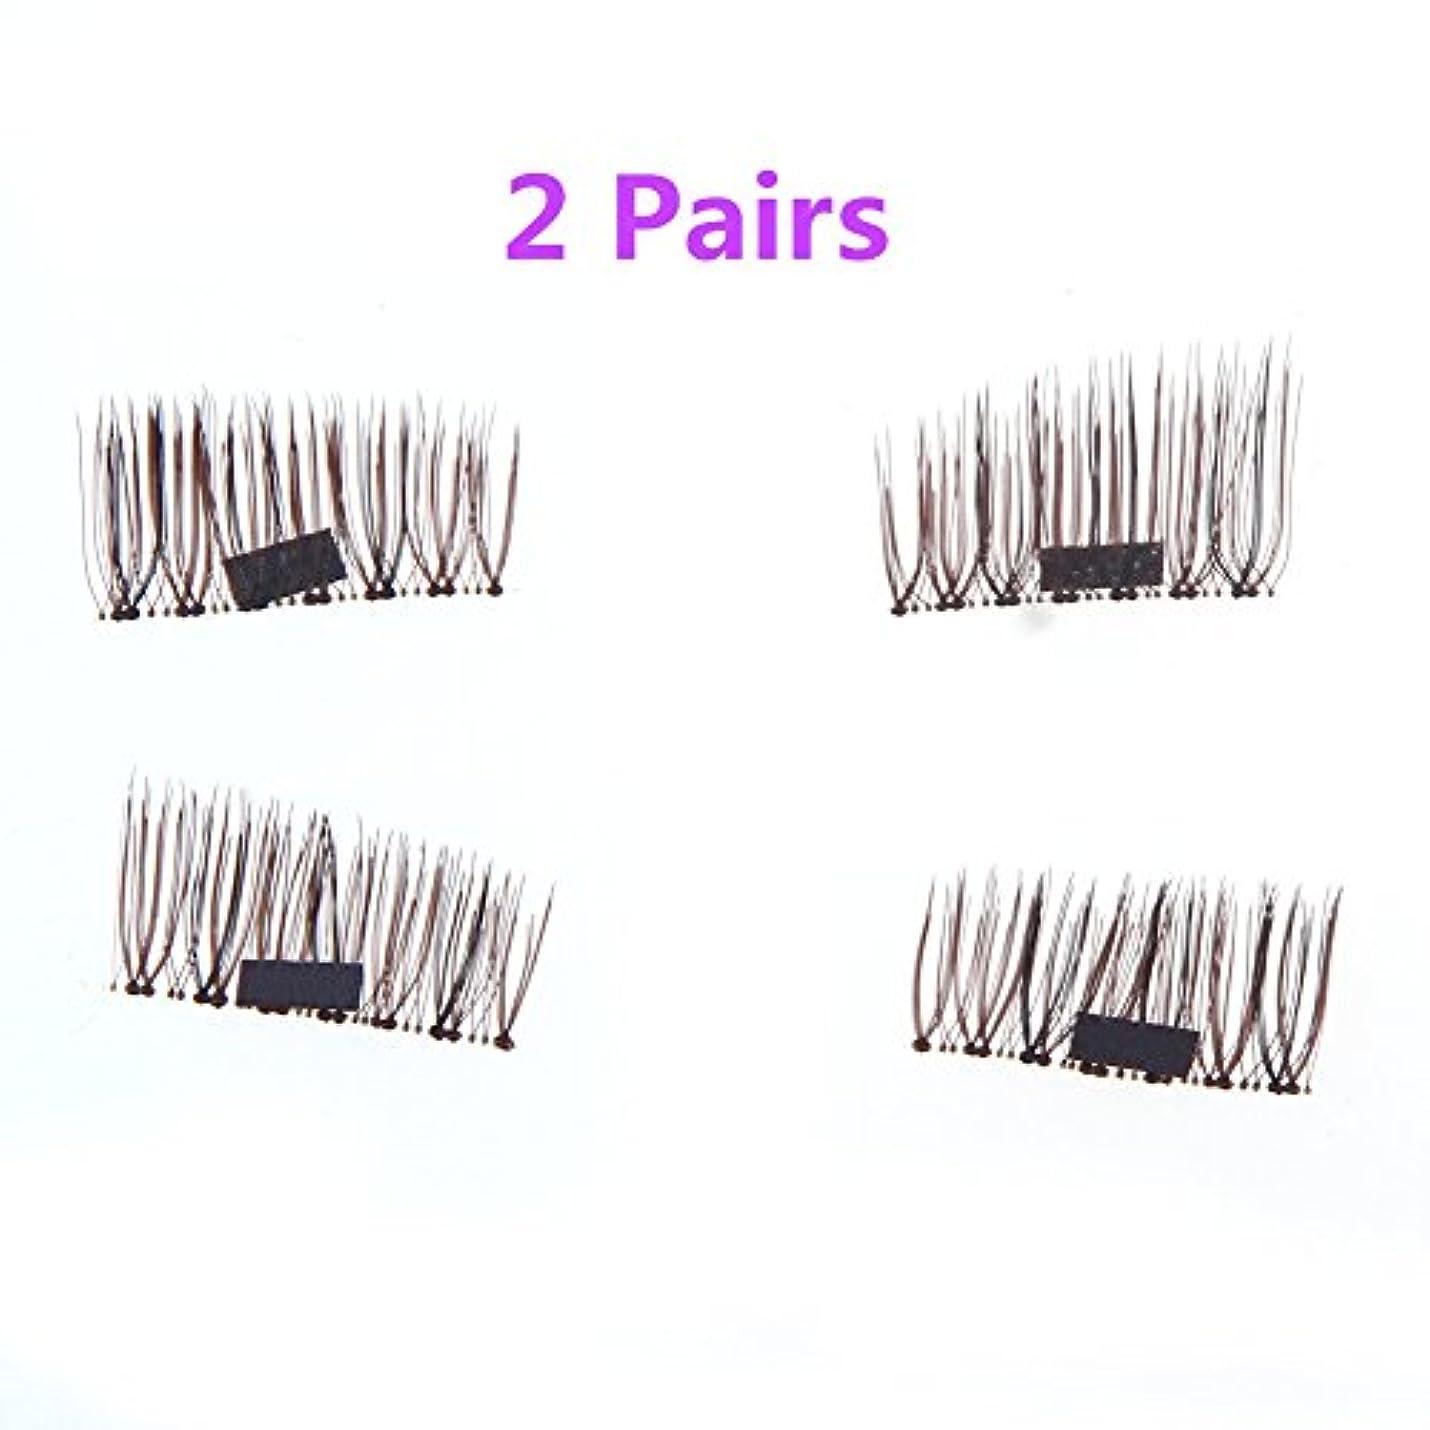 インシュレータ累計バンケットCozyrom 2ペアセット つけまつげ 磁気 3D マグネット 付け睫毛 Magnet eyelashes 磁性 長い 再利用可能 濃密 簡単に装着 手作り